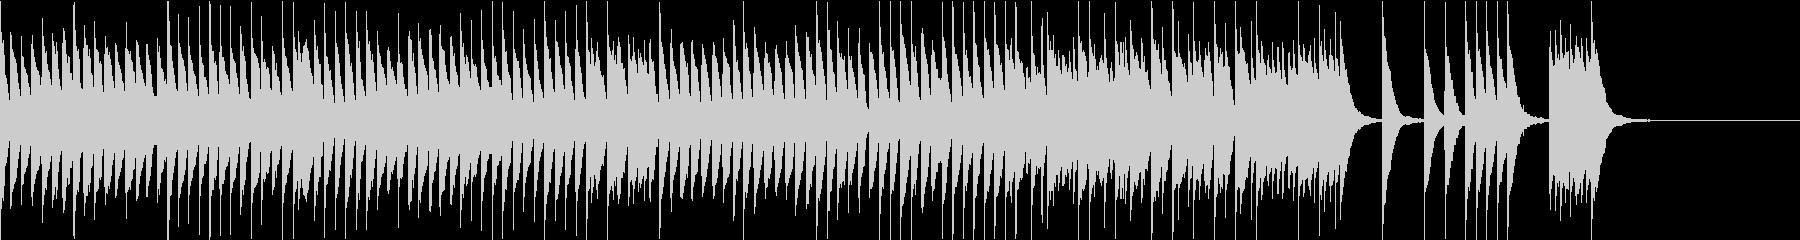 かわいく軽快リズミカルなピアノソロの未再生の波形